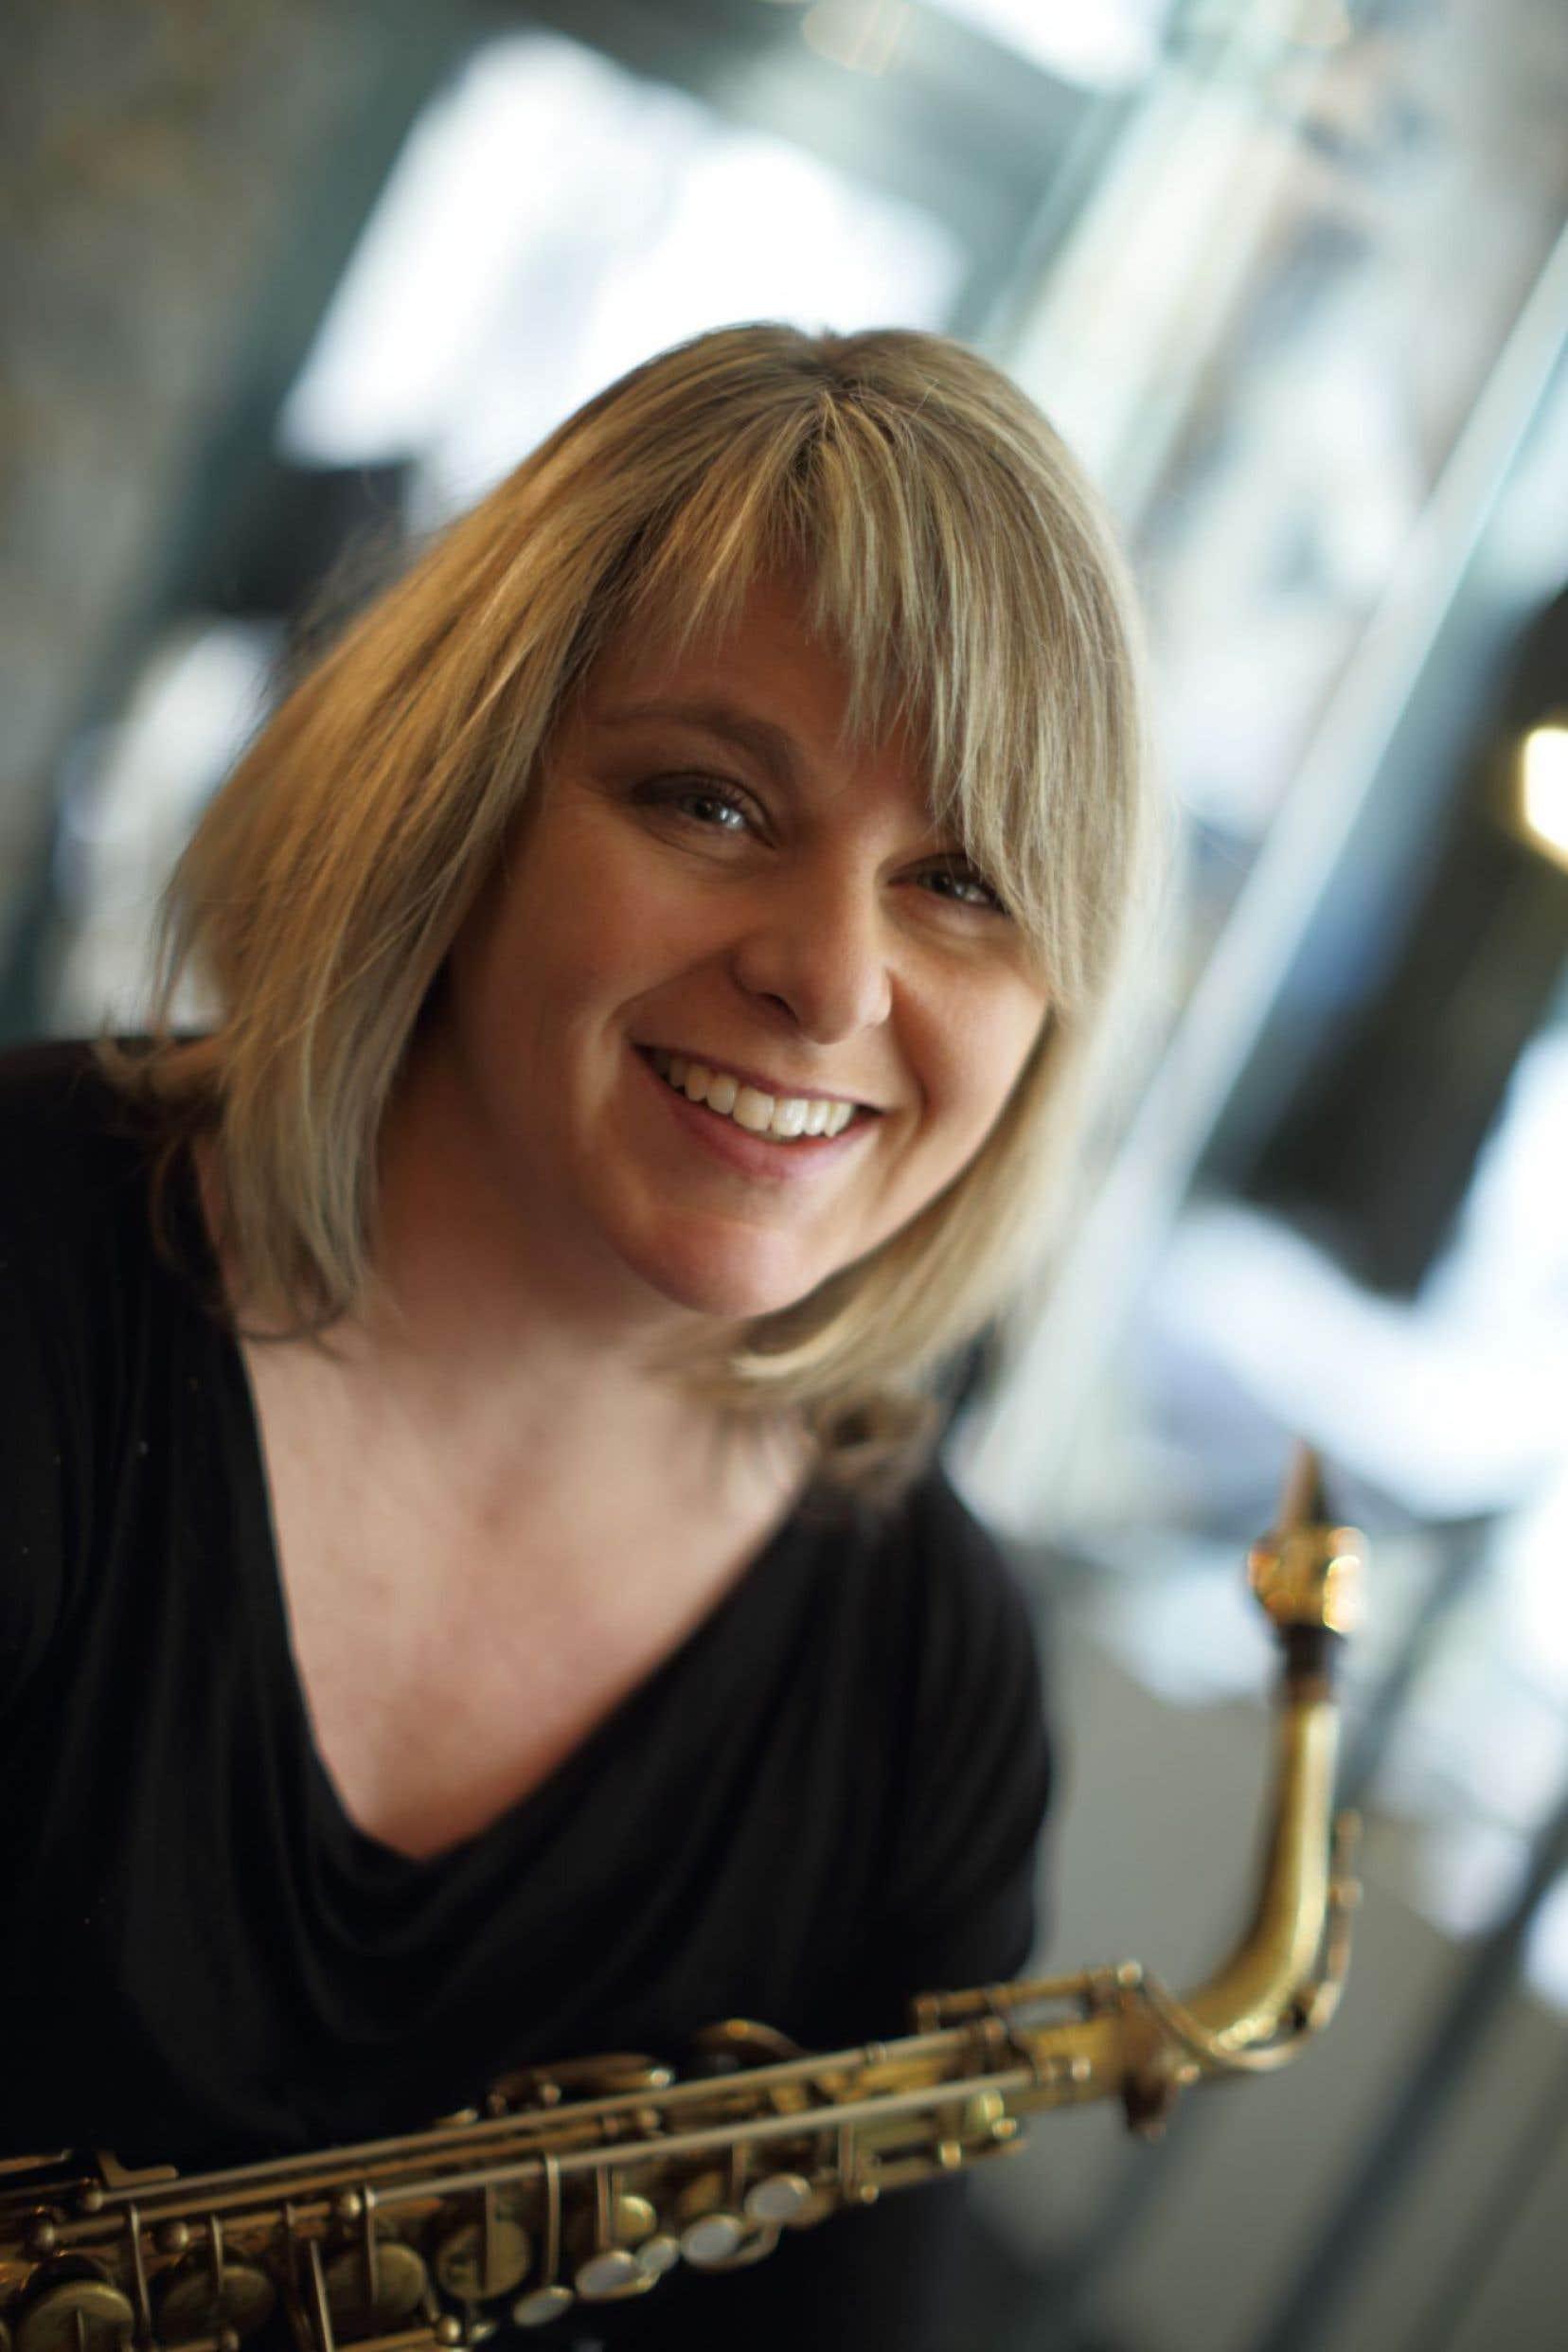 La saxophoniste Christine Jensen a monté un super-groupe, avec la pianiste Maggi Olin.